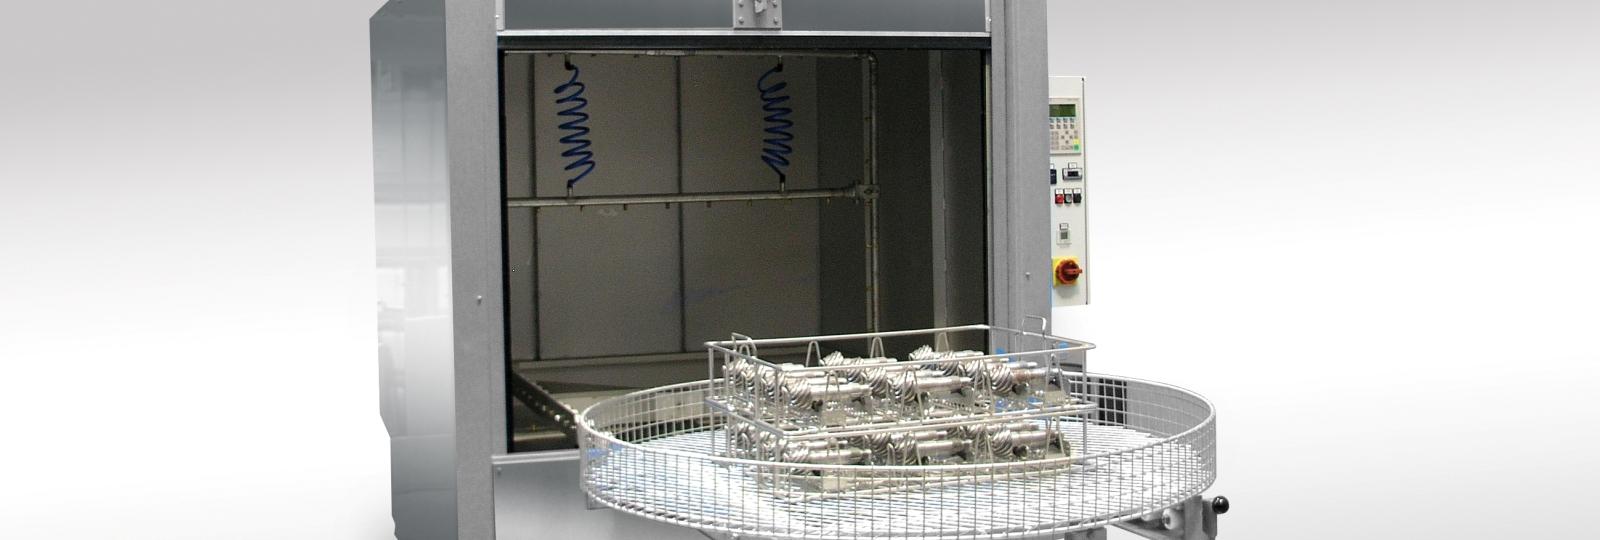 Die BvL Reinigungsanlage OceanHT ist eine universelle Ein-Tank-Spritzreinigungsanlage mit Hubtor und höhenverstellbarenden, rotierendem Düsenrahmen